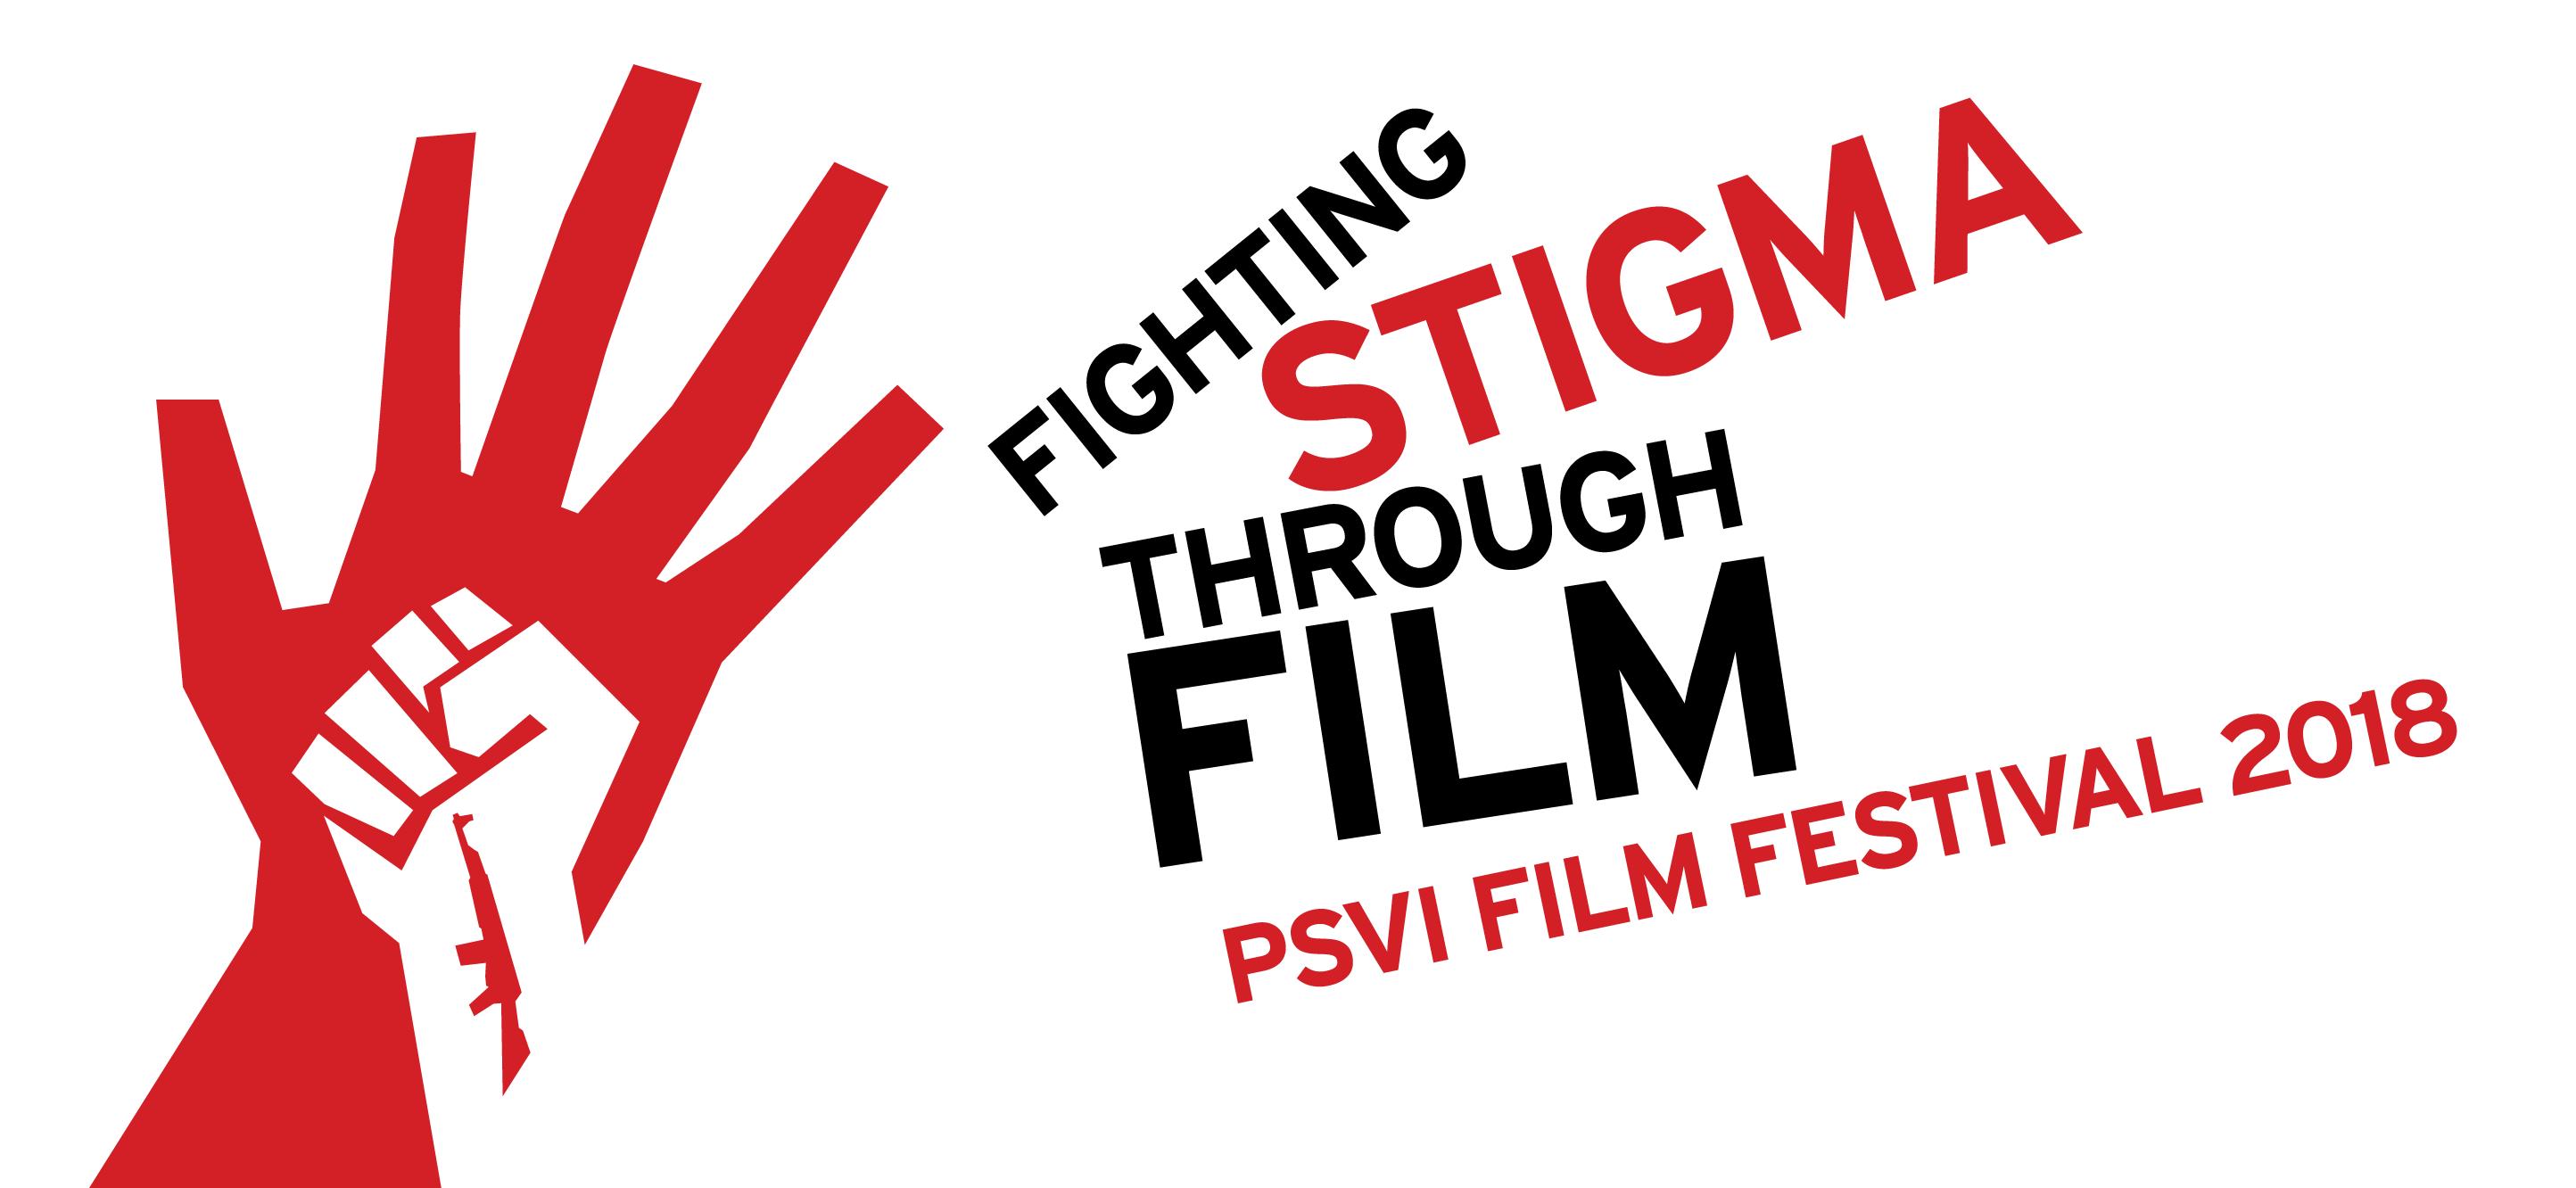 PSVI: Fighting Stigma Through Film 2018